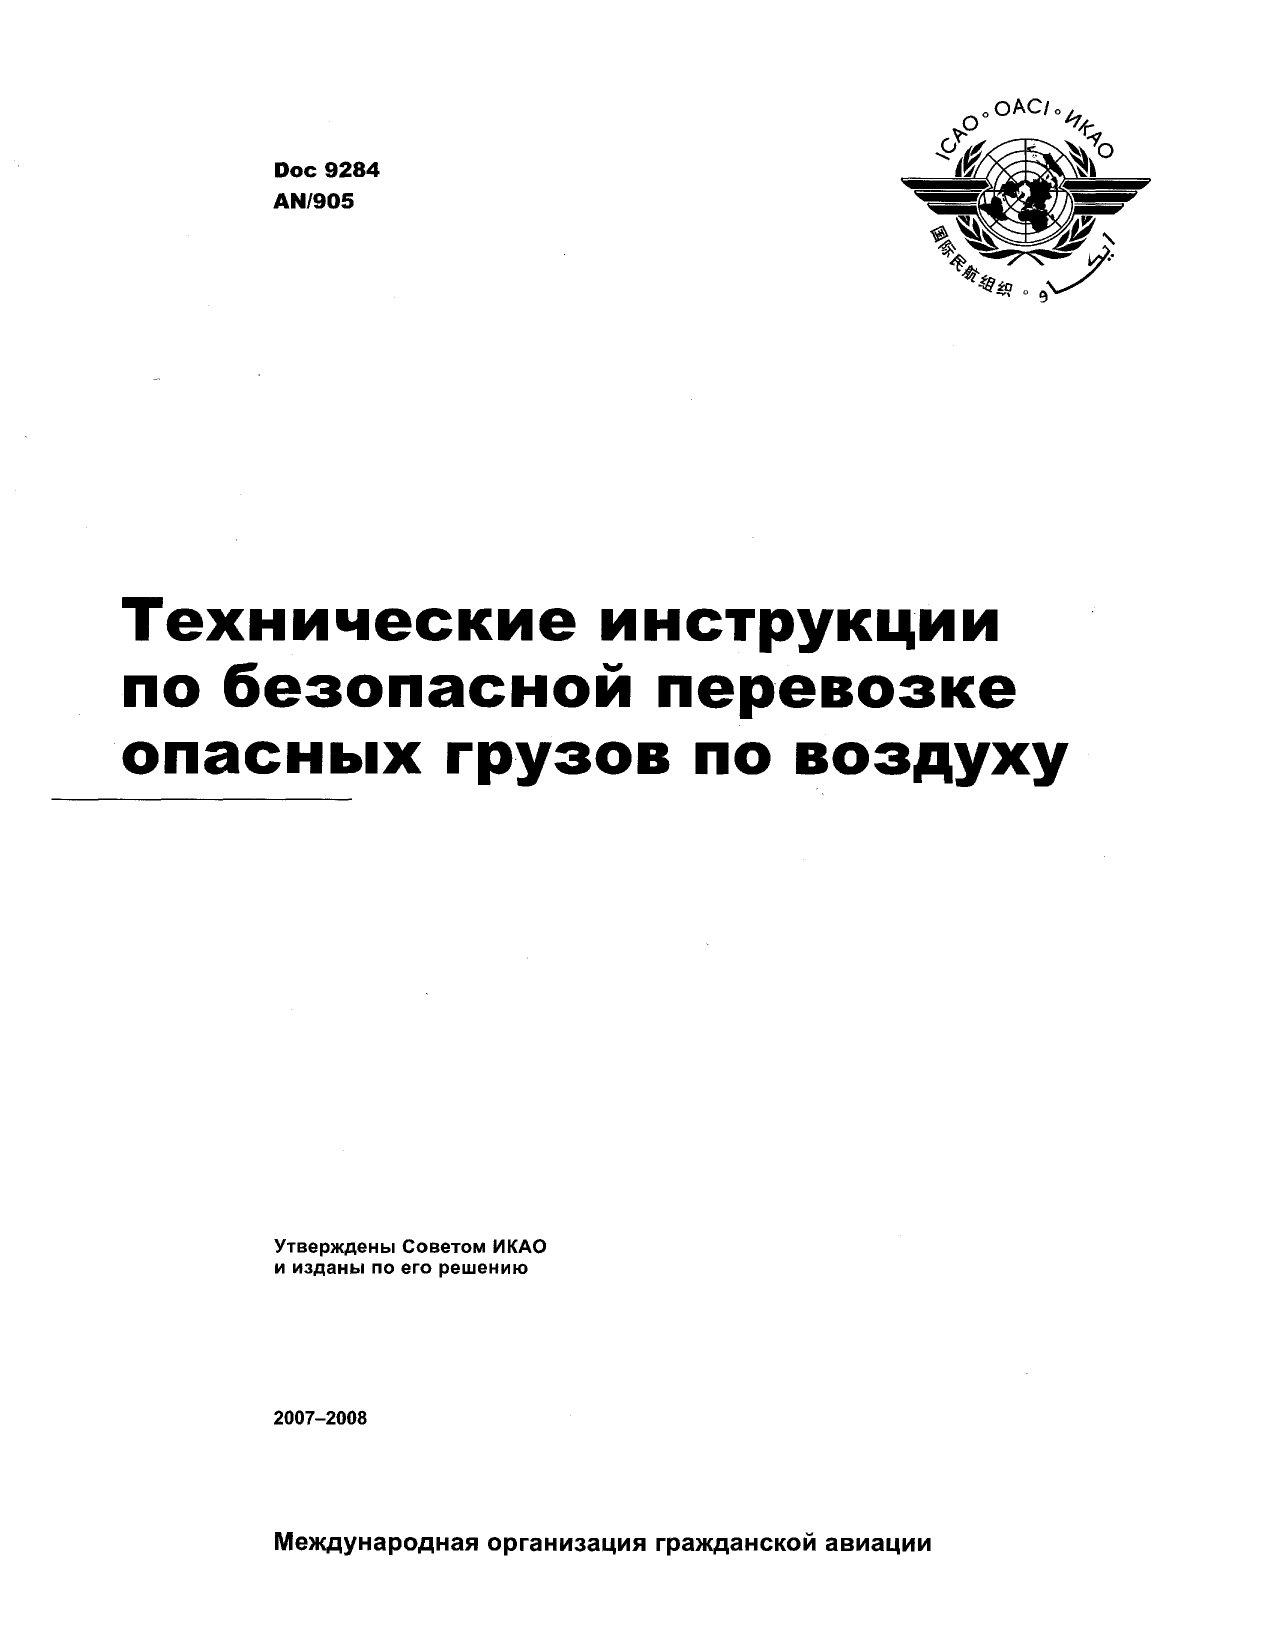 ICAO Doc 9284 Технические инструкции по безопасной перевозке опасных грузов по воздуху